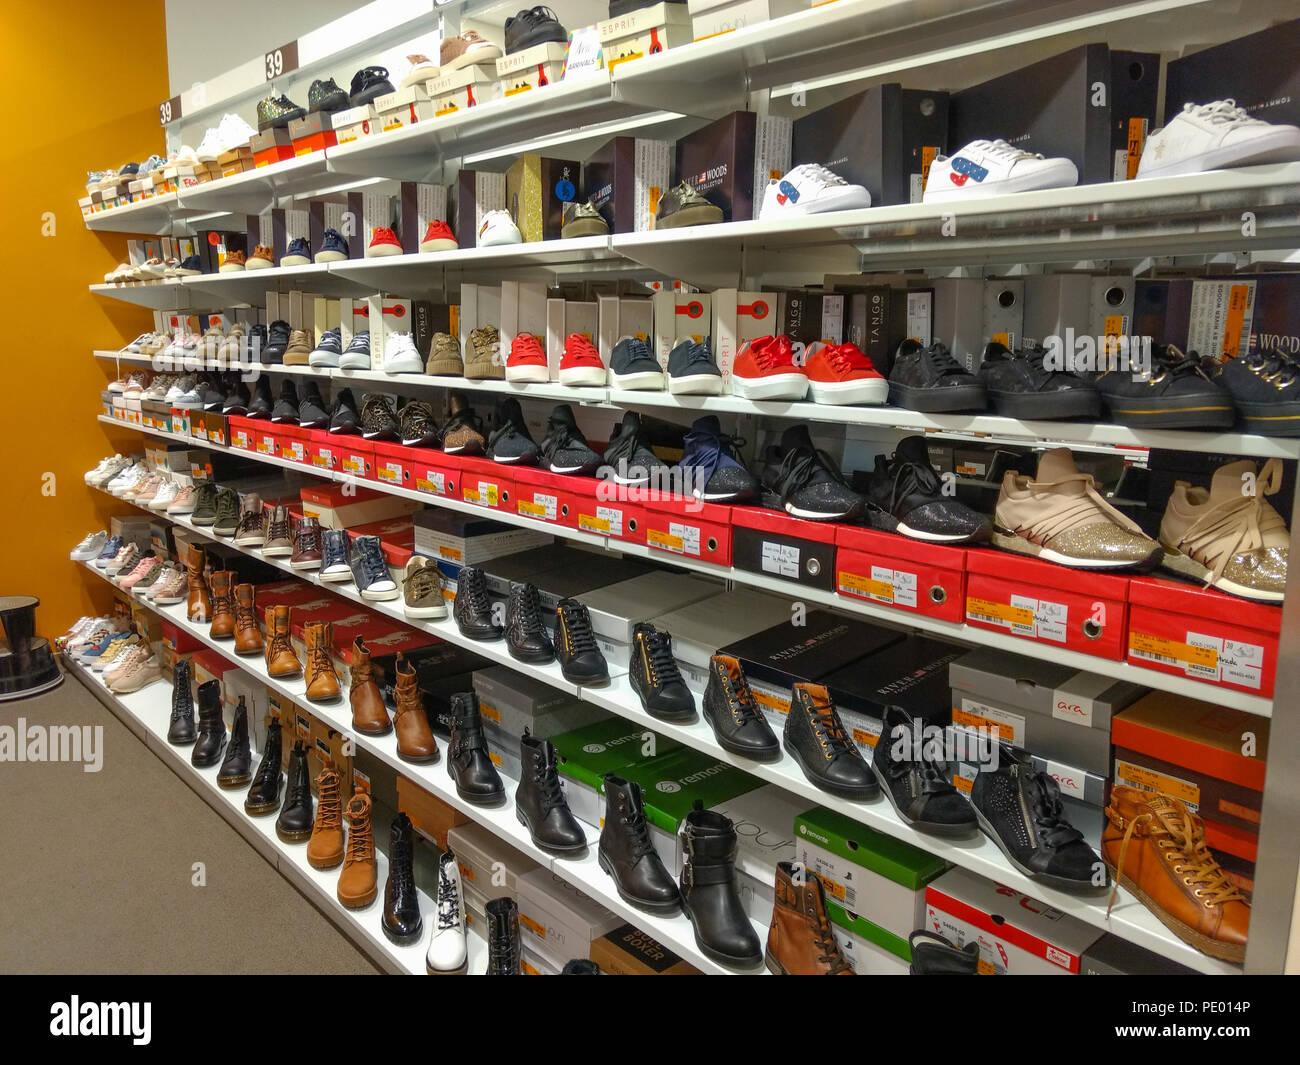 7b828fcc3761a8 Les chaussures de femmes affiche sur les étagères de magasin de chaussures.  Il y a une vente en cours pour la plupart des chaussures sont actualisées.